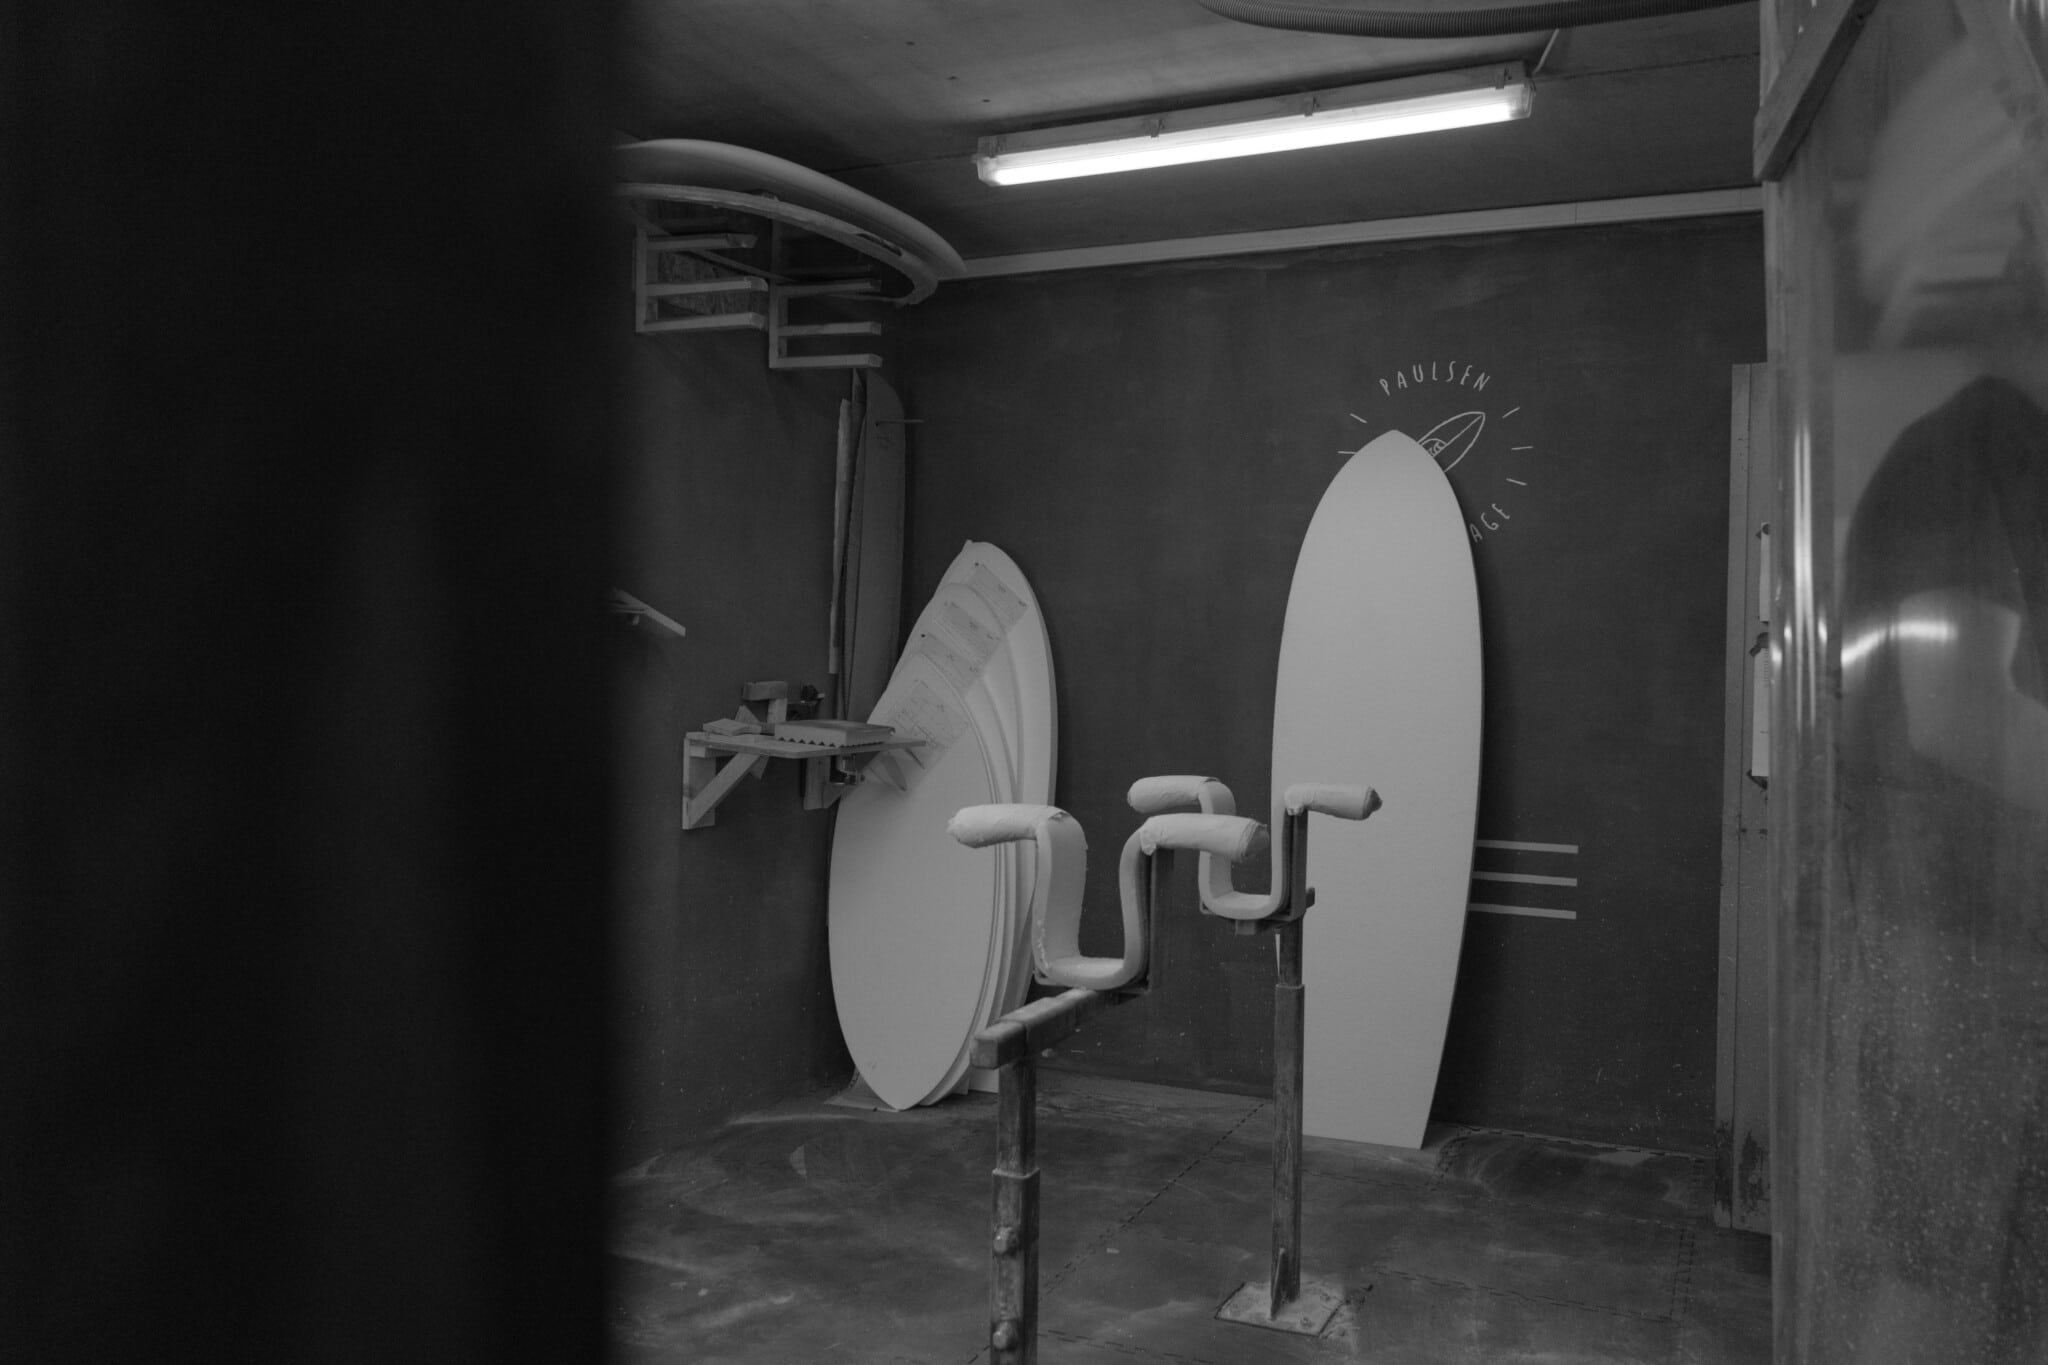 surfgarage bw 2 scaled